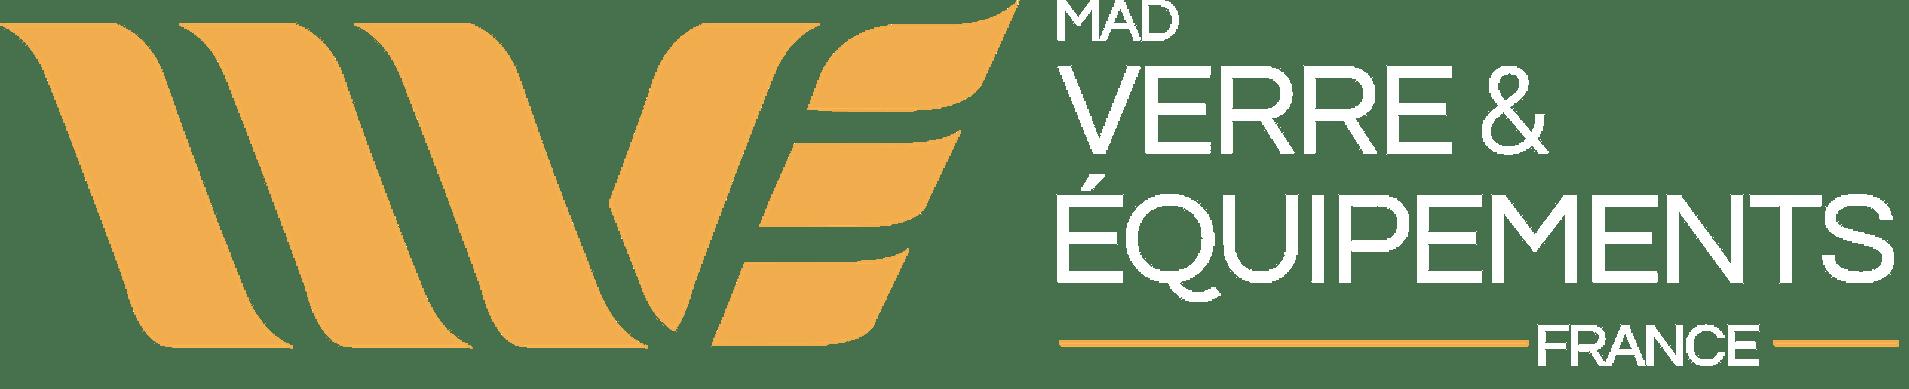 Mad Verre & Équipements Logo